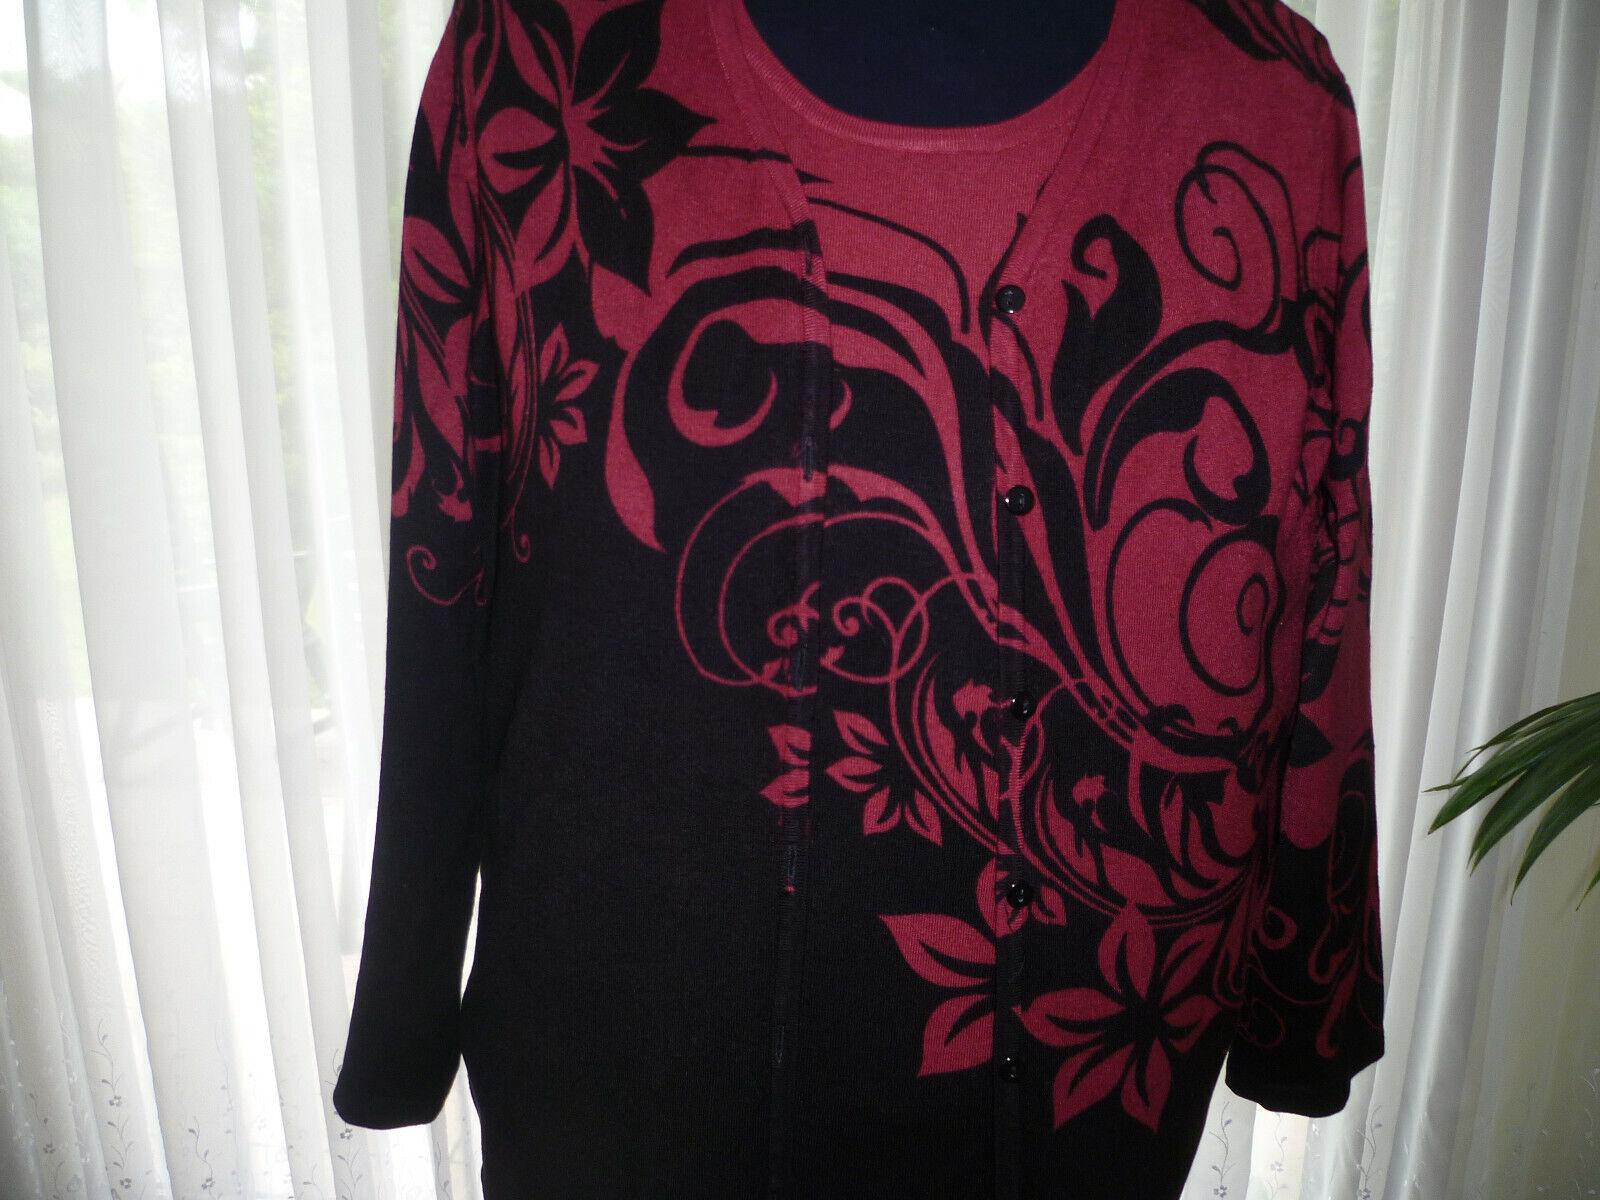 OVANTI   Twin-Set - Pullover und Jacke - schwarz-burgunder  - Größe 44 - neuw.